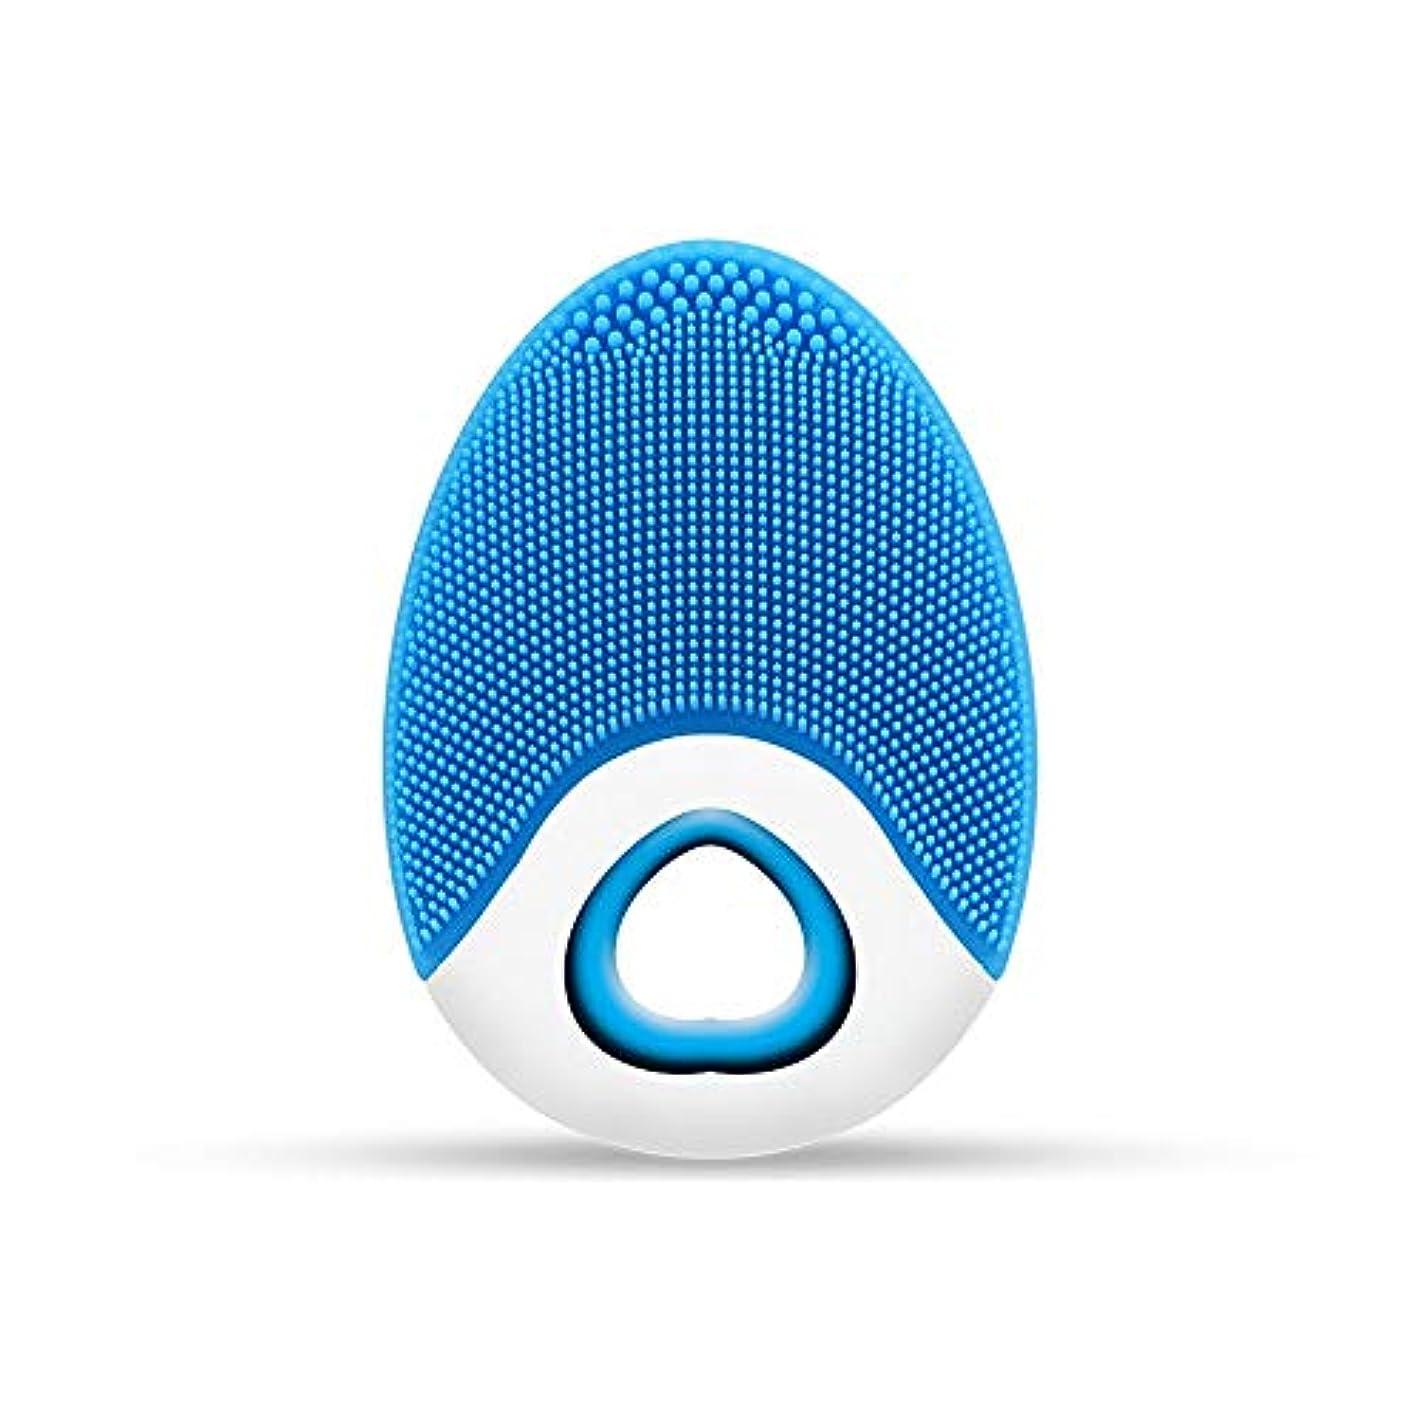 キャンディーインセンティブ風ZXF ワイヤレス充電電気シリコーンクレンジングブラシ高周波振動防水マルチレベル調整クレンジング楽器美容器具 滑らかである (色 : Blue)